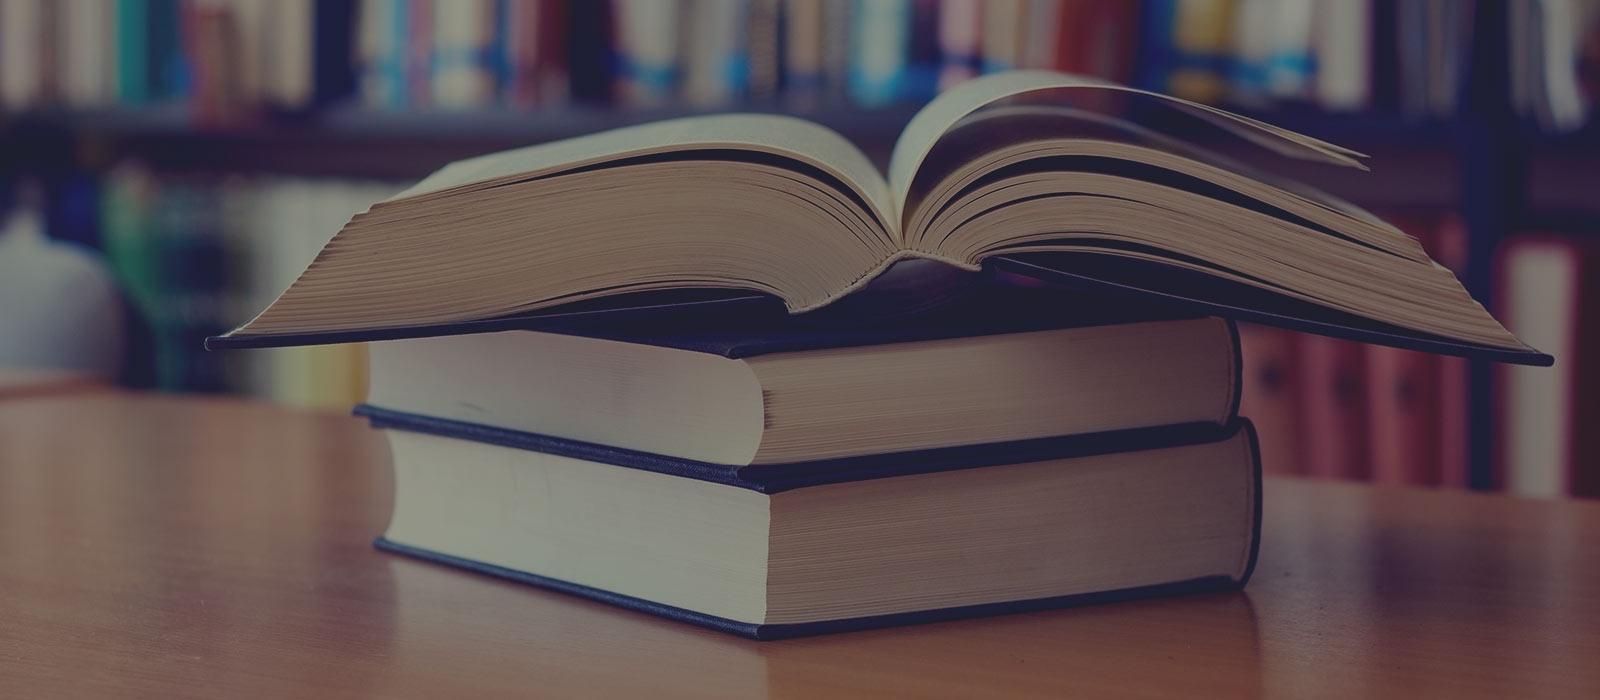 оставил печение картинки книг на аву действительности оказалось, что